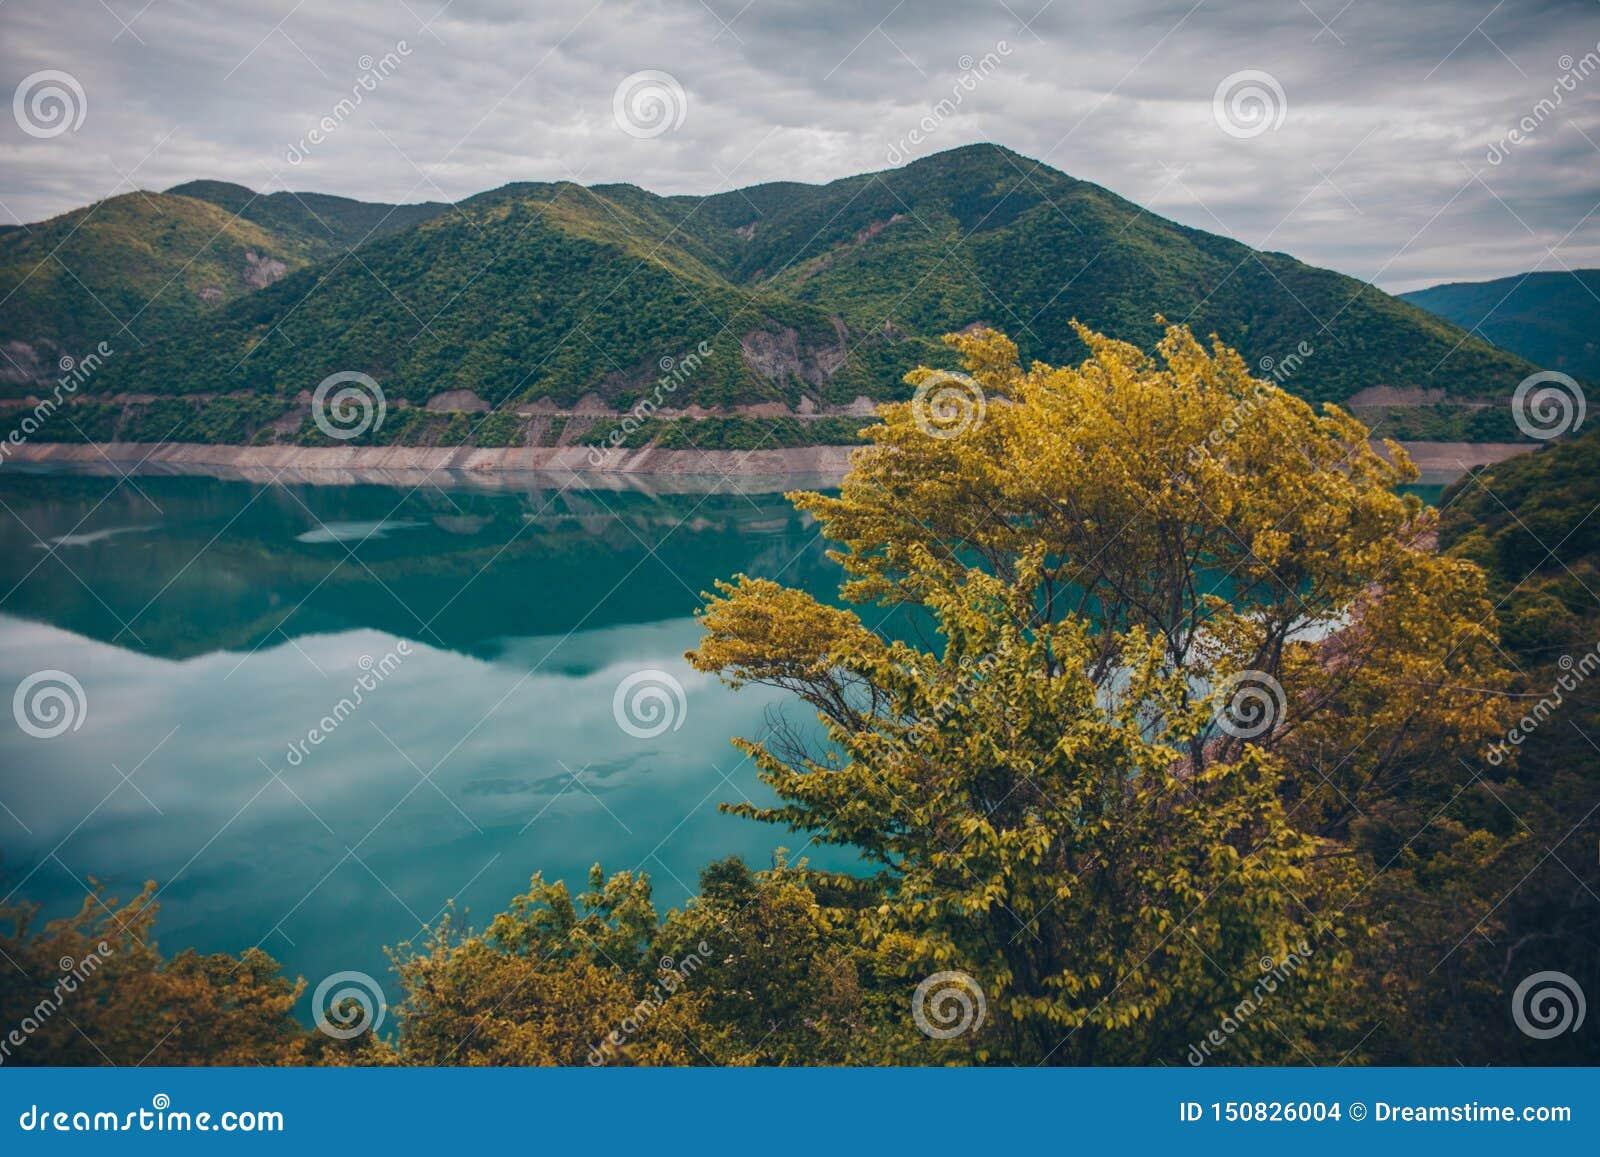 Lago blu e cespuglio giallo in montagne